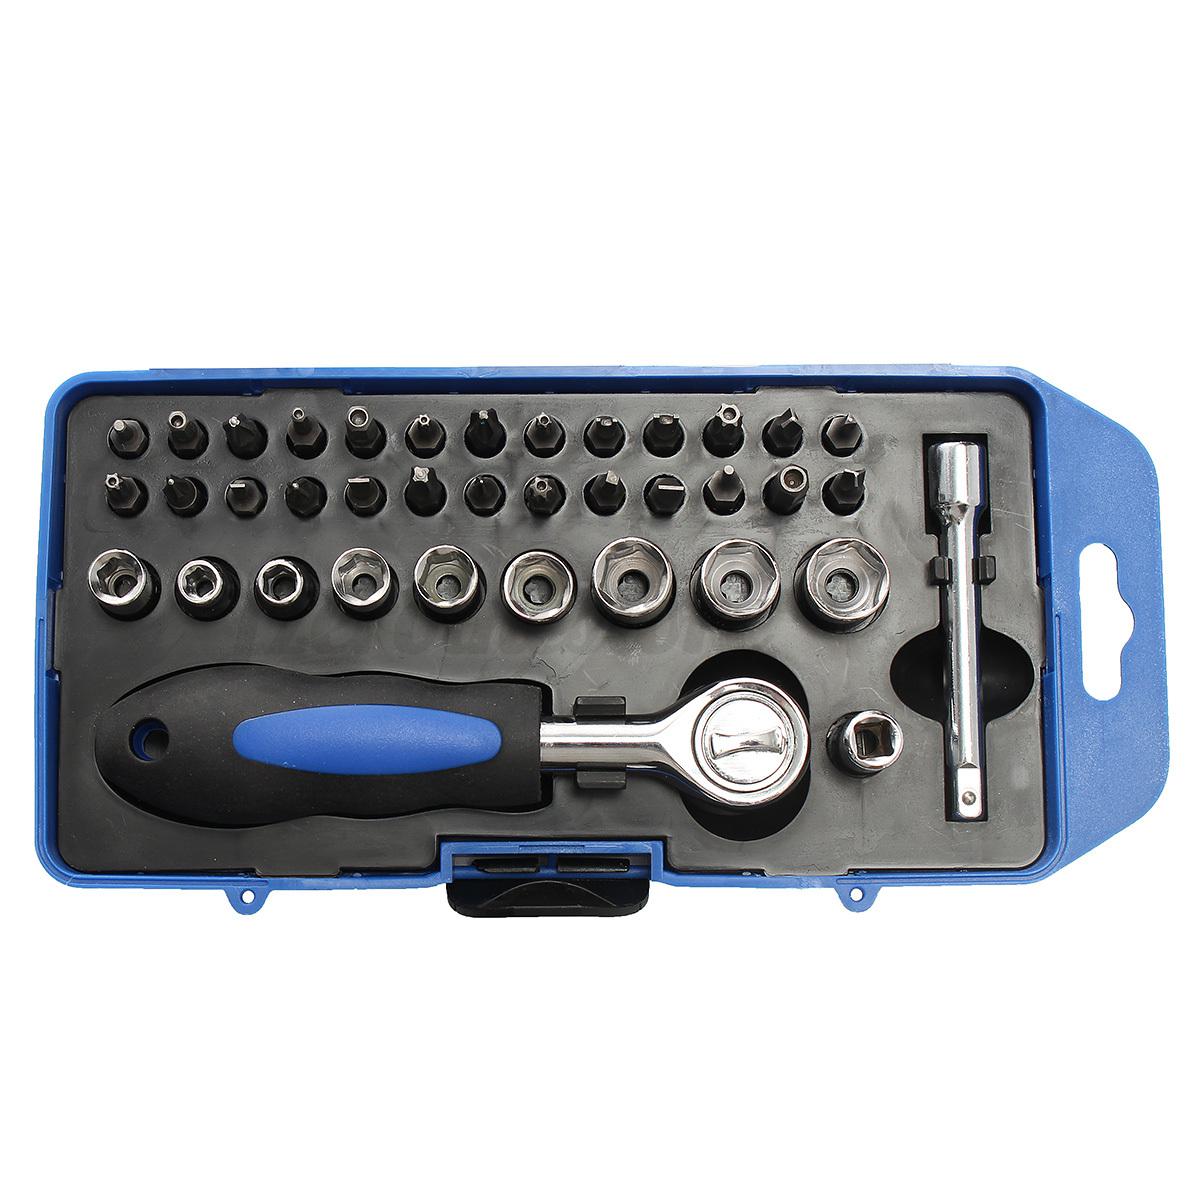 38pcs screwdriver bit set nutdriver precision slotted torx phillips tool kit. Black Bedroom Furniture Sets. Home Design Ideas